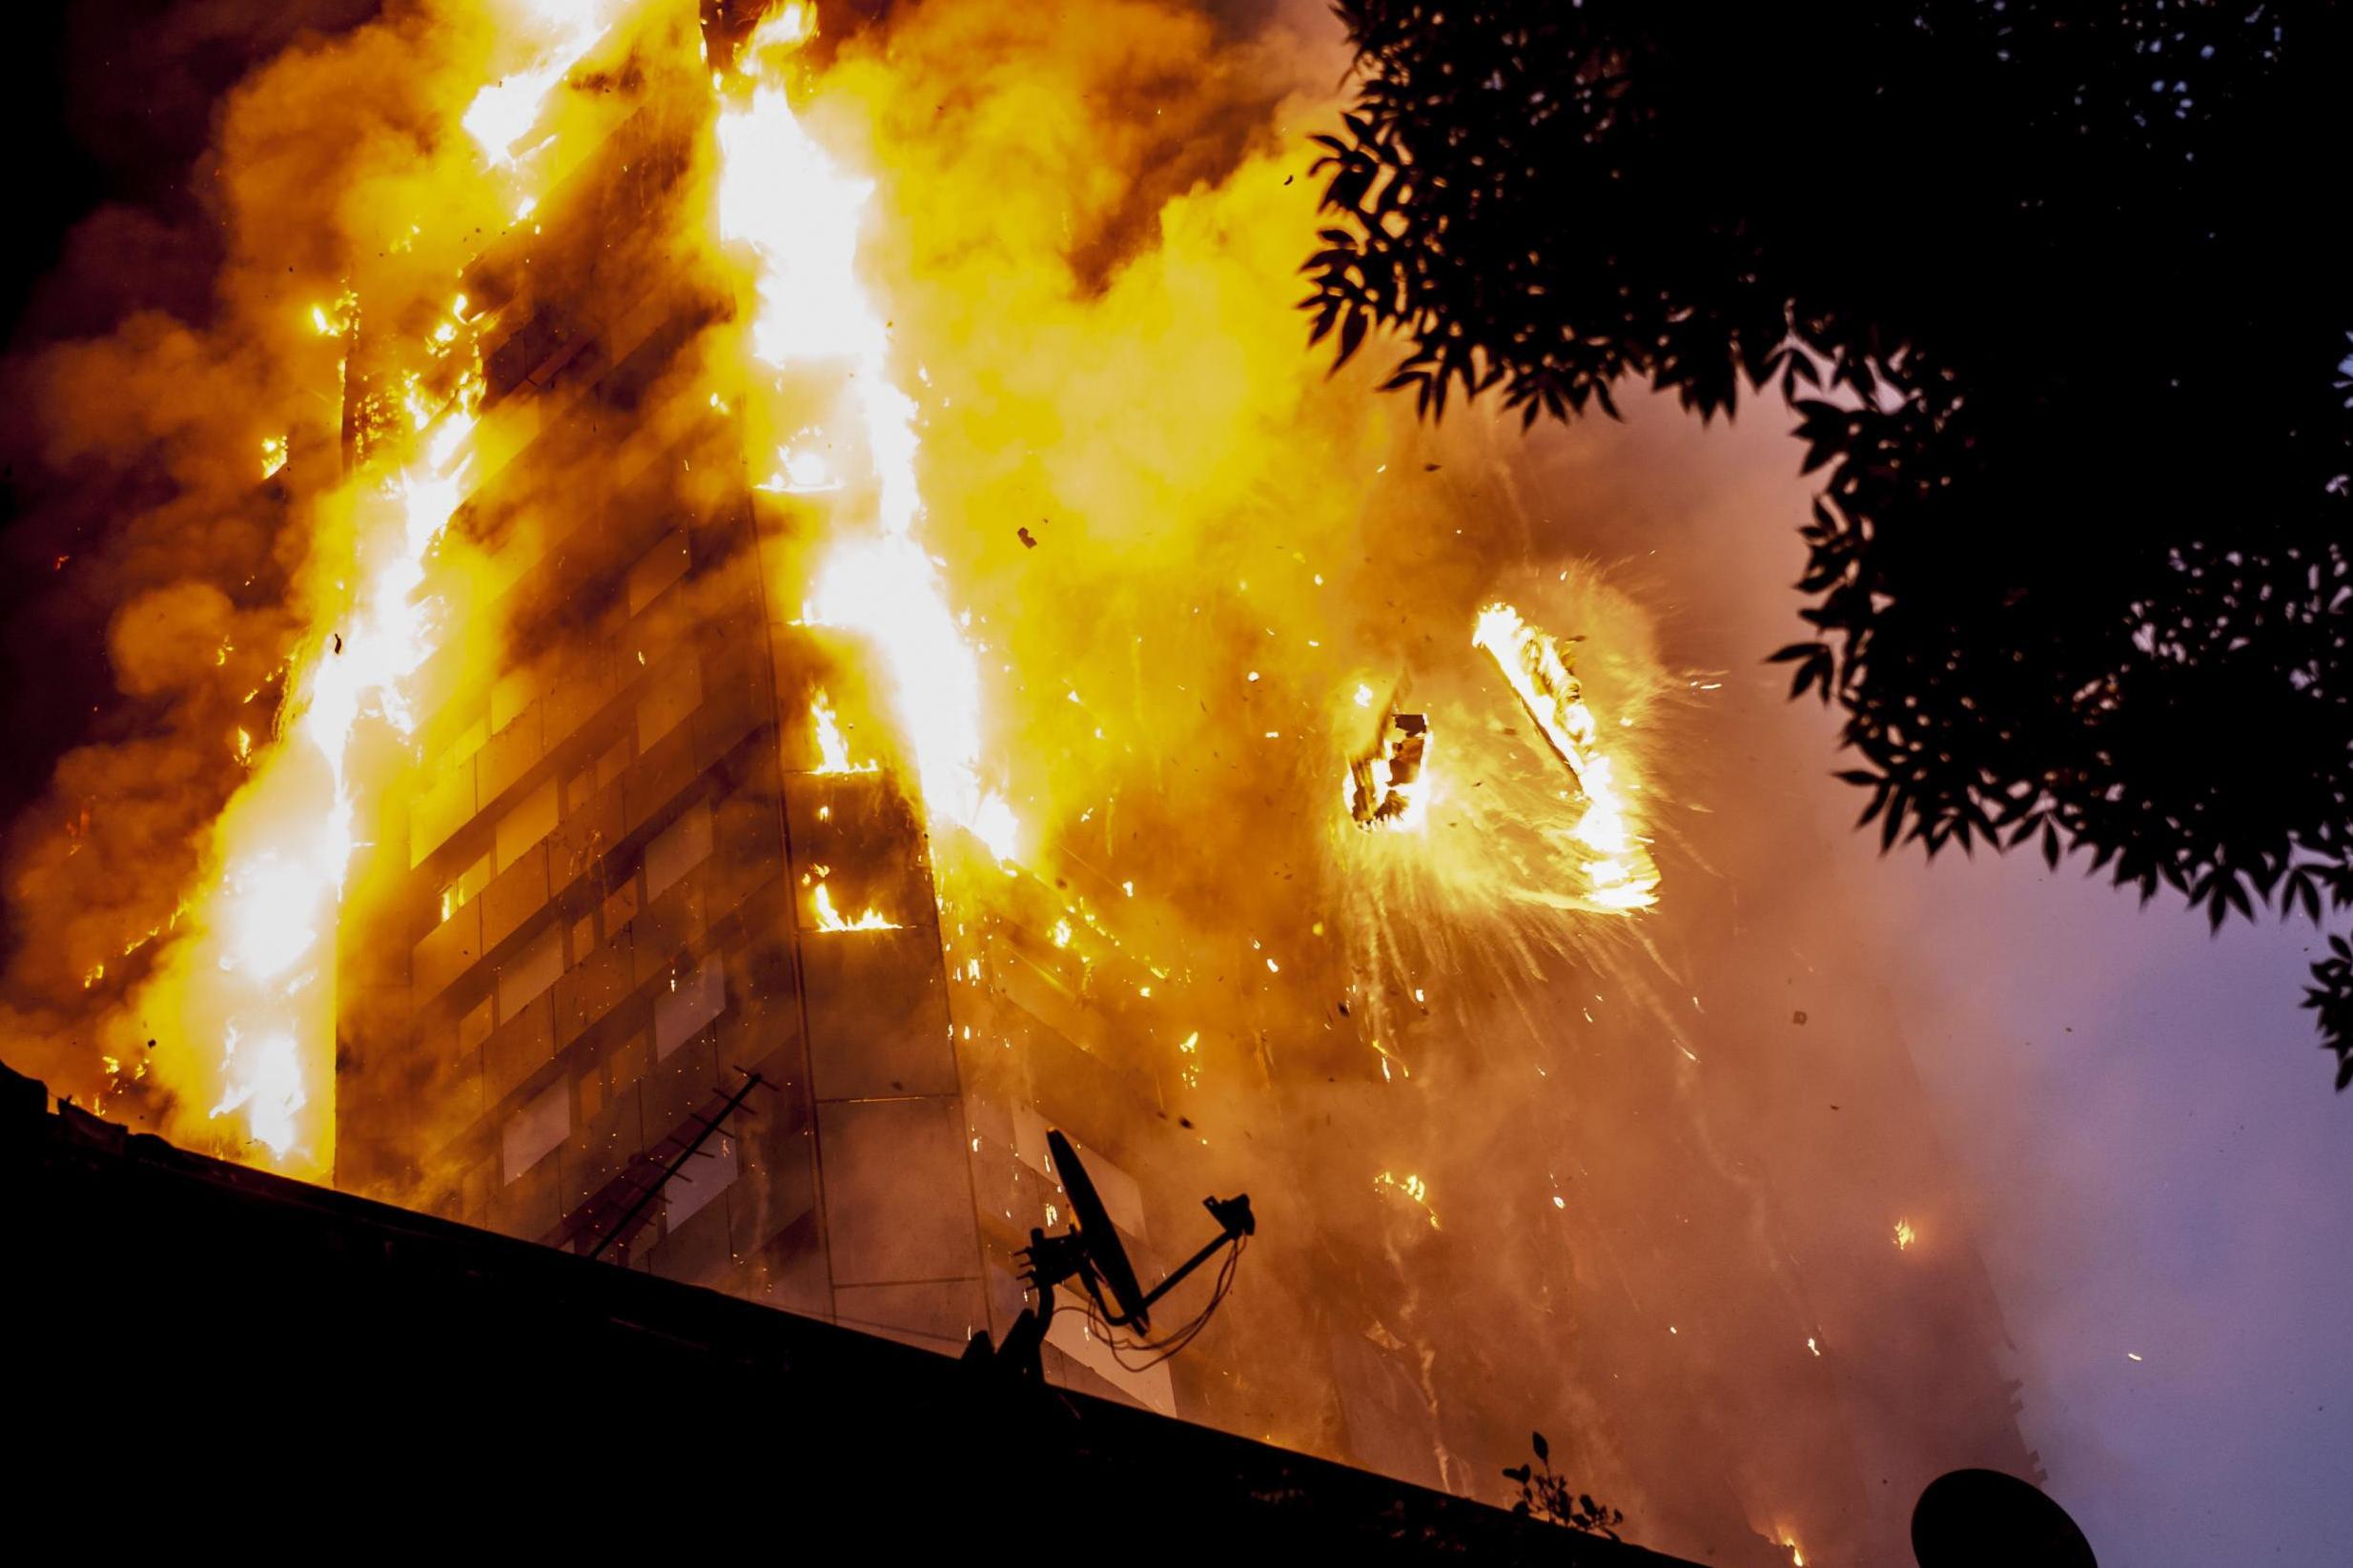 รอกหนีไฟ-อุปกรณ์หนีไฟ-ไฟไหม้-หนีไฟ-อุปกรณ์ดับเพลิง-seohan